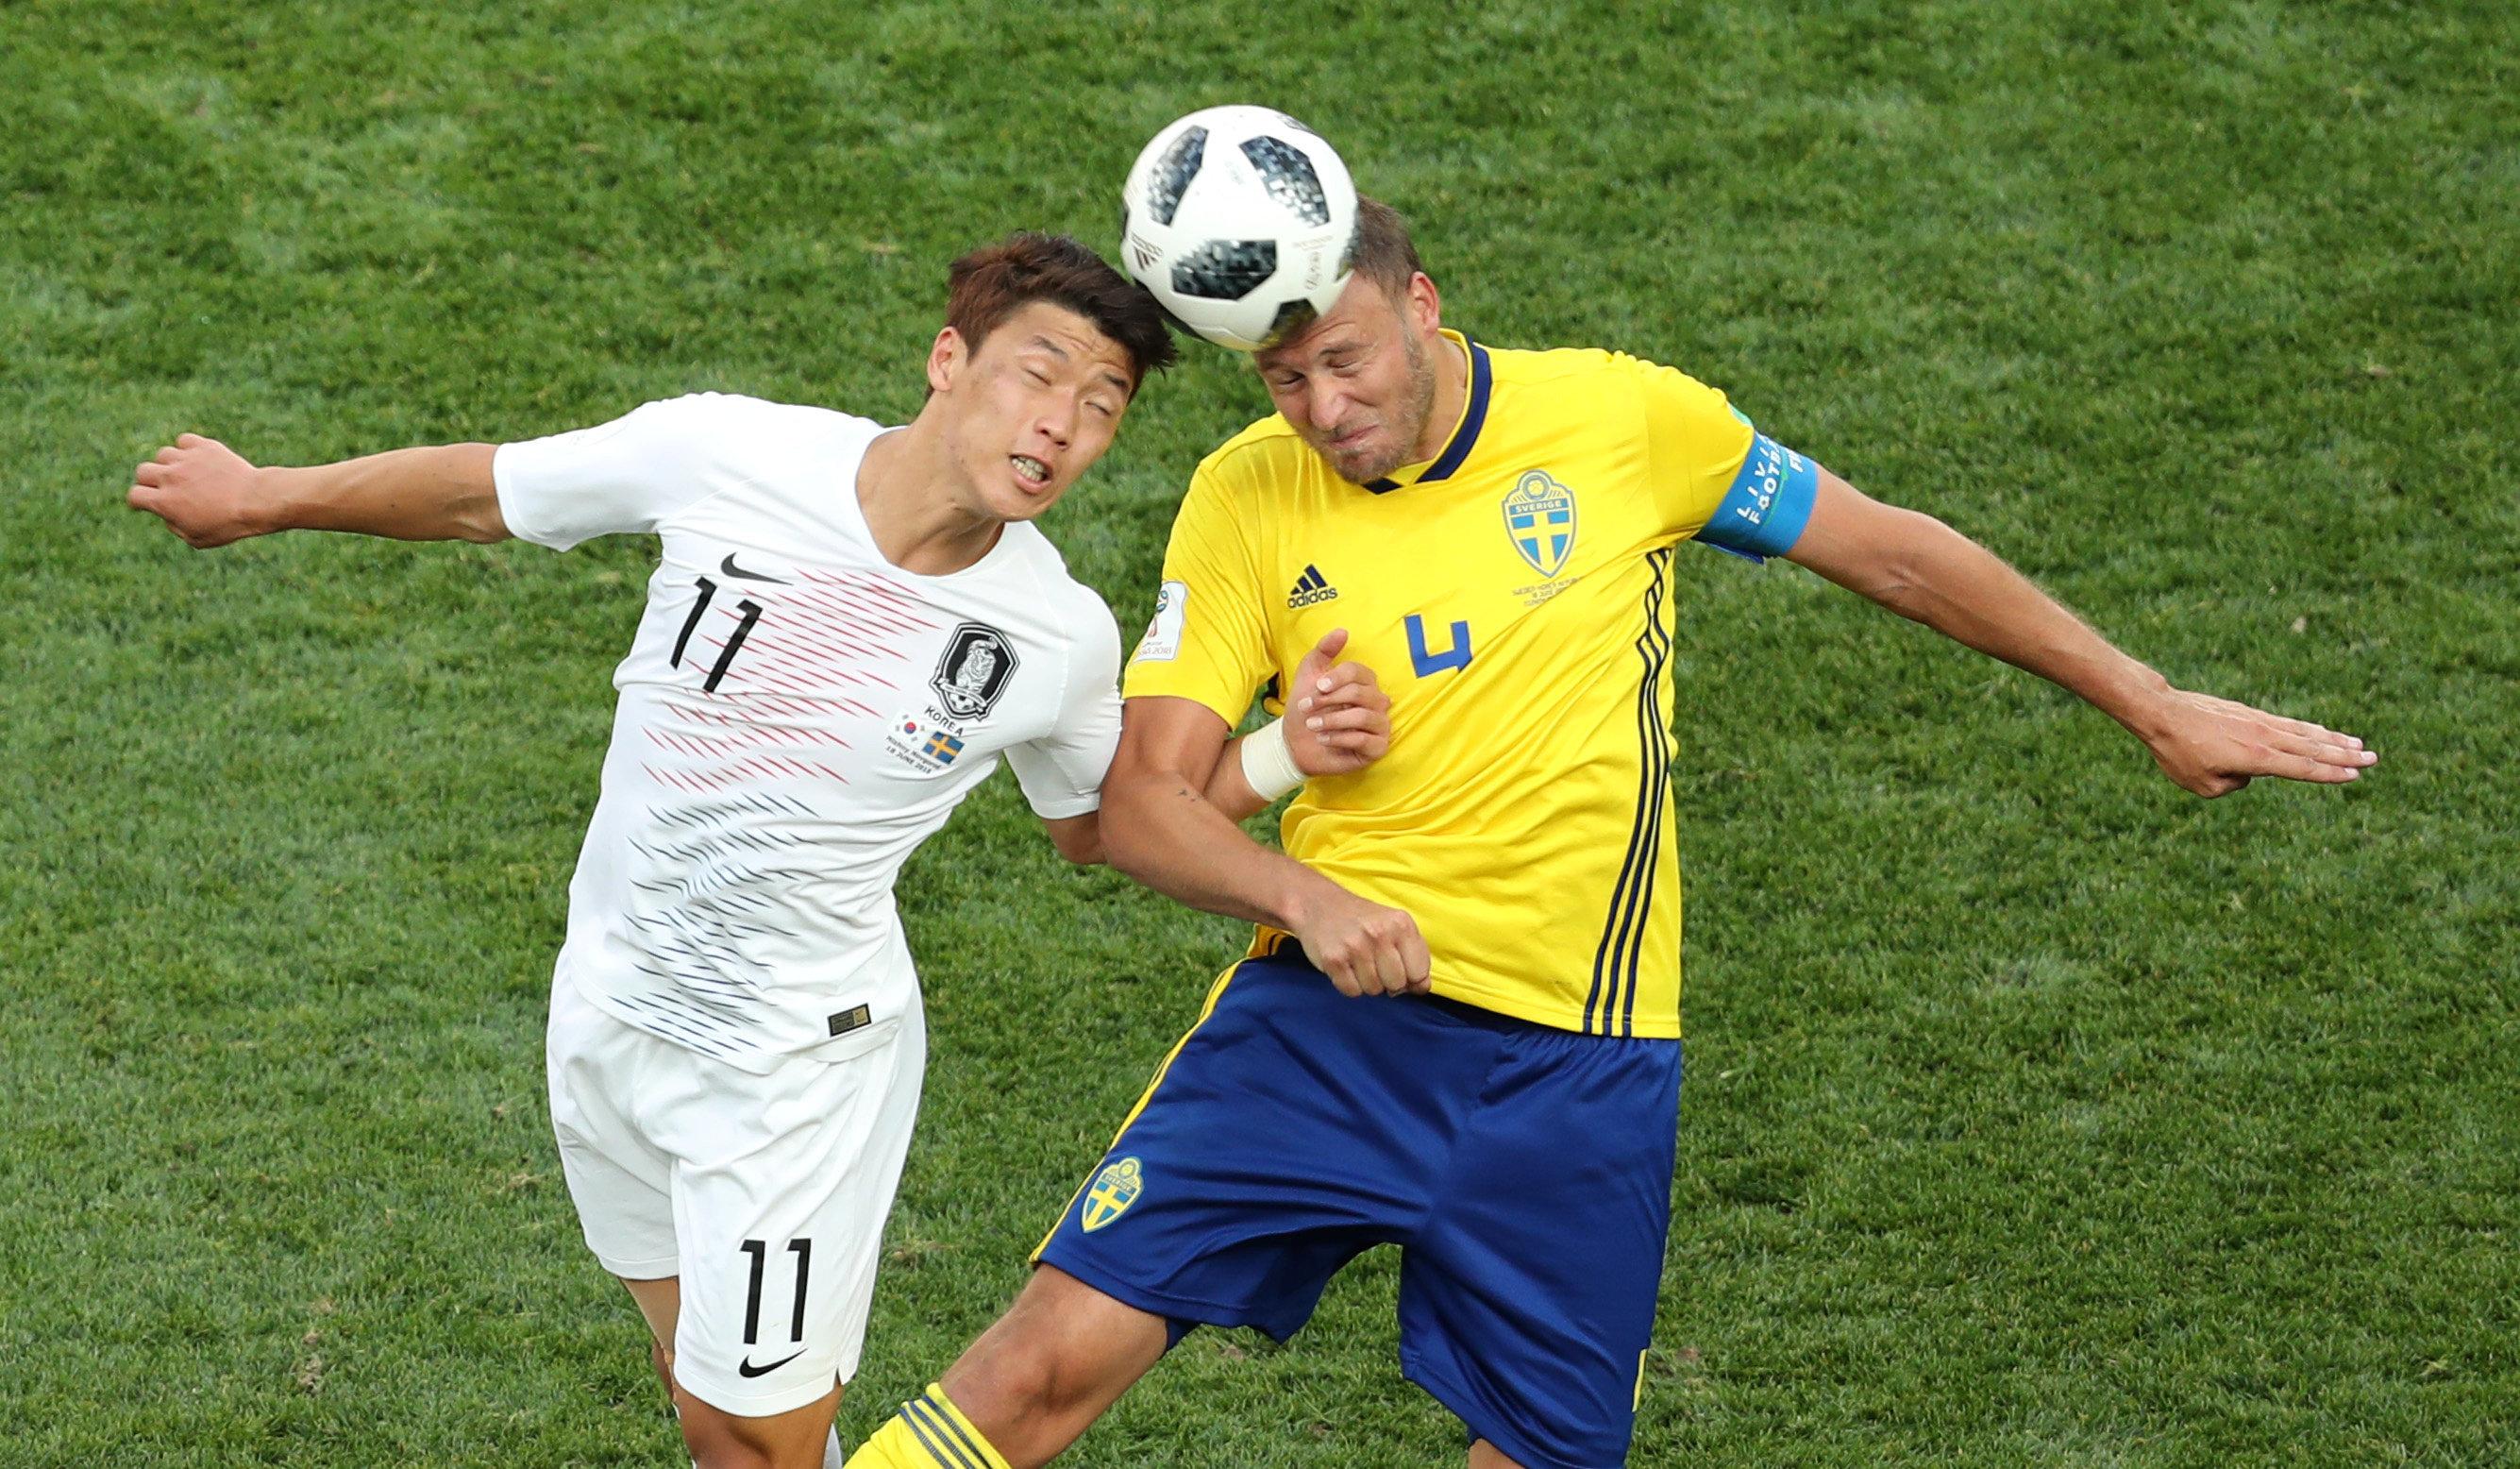 BBC 축구 해설가의 한국-멕시코전 예측과 한국팀에 보내는 쓴소리